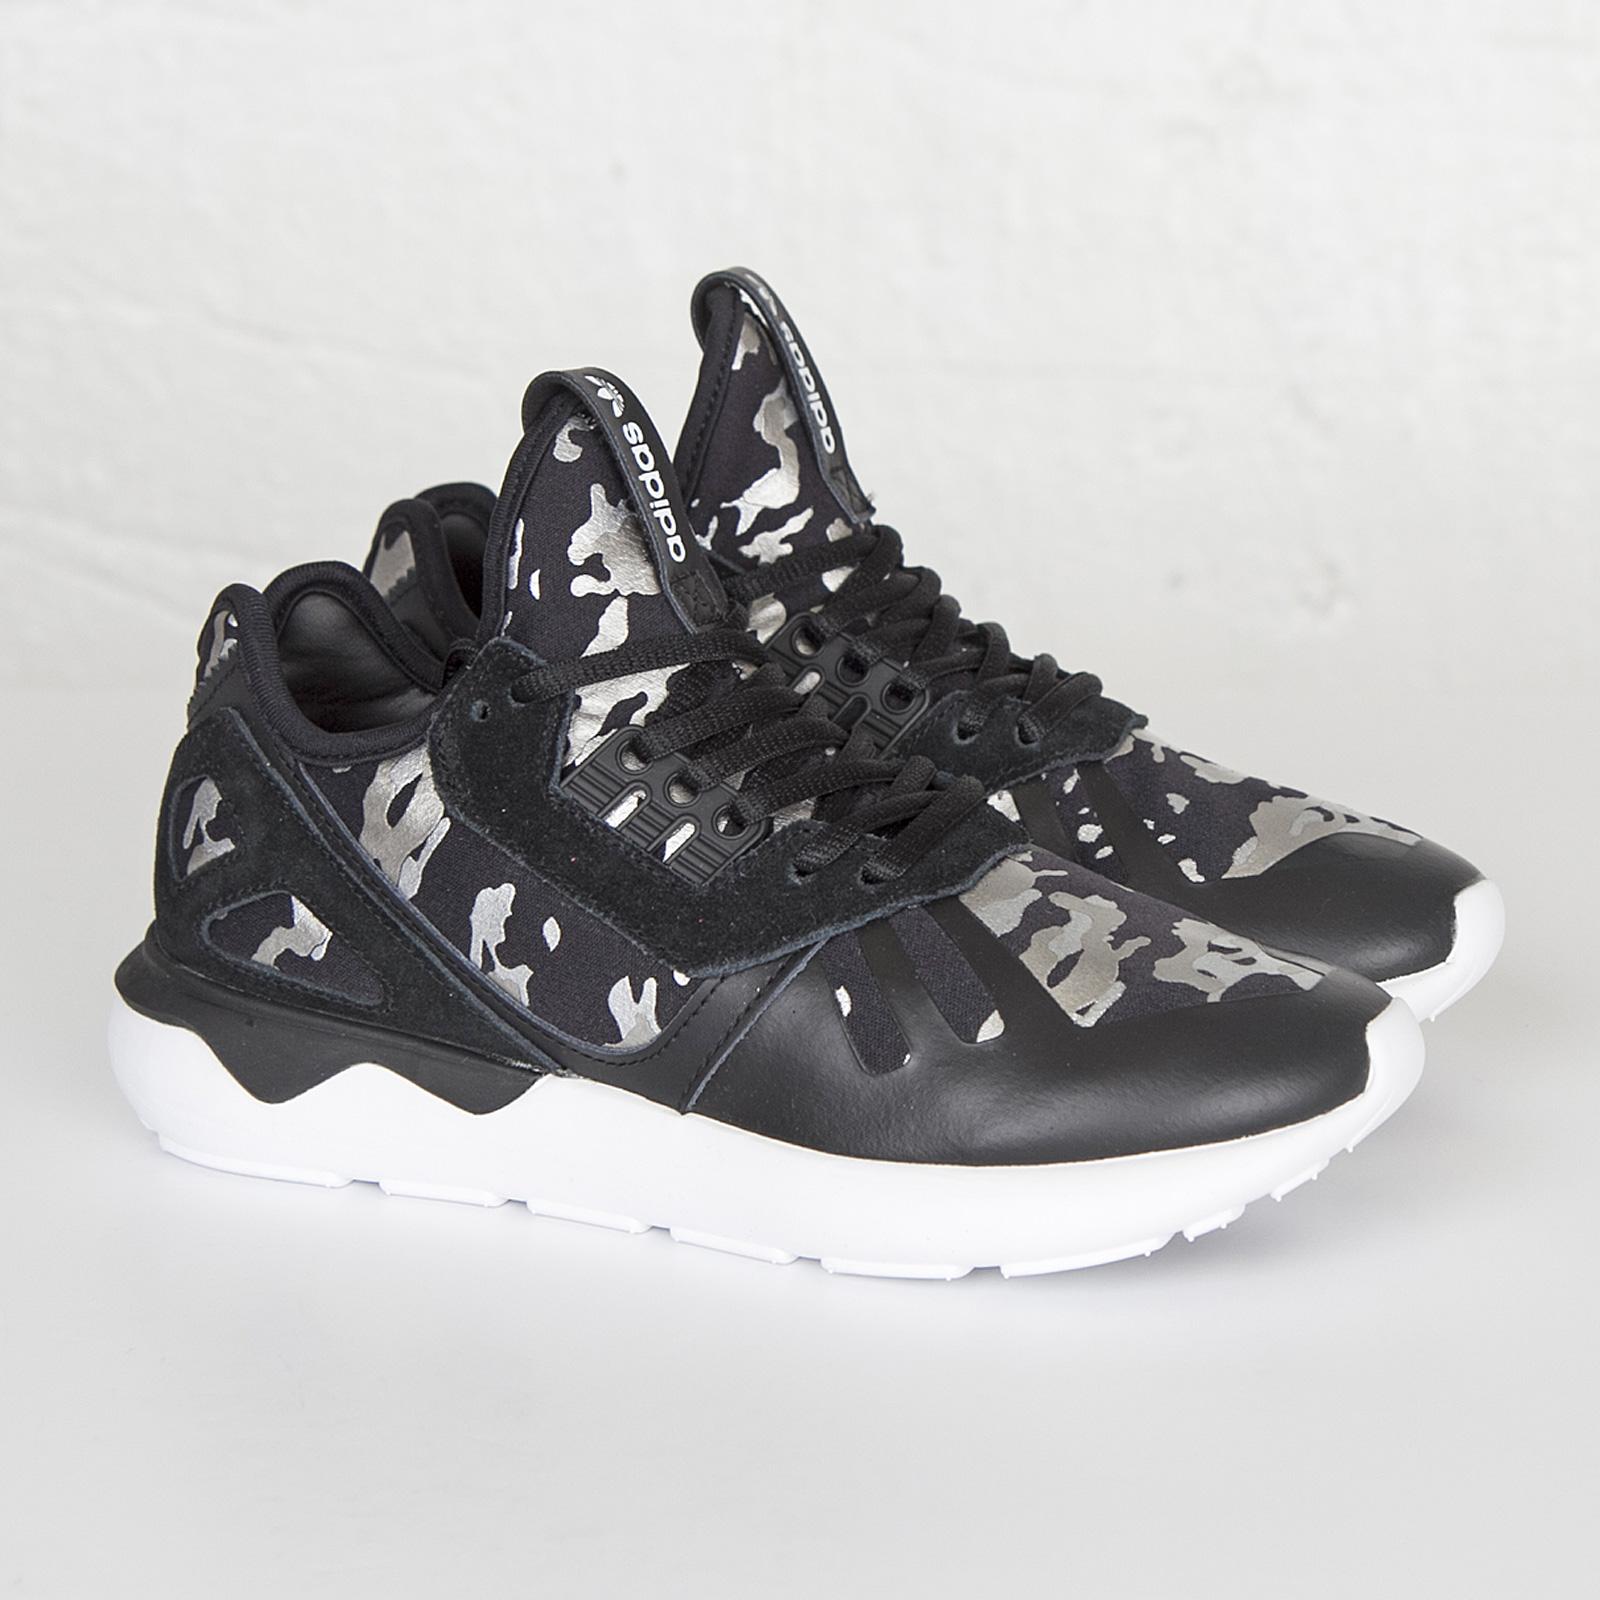 buy online 980dc 5c9c4 adidas Tubular Runner W - Af6276 - Sneakersnstuff | sneakers ...